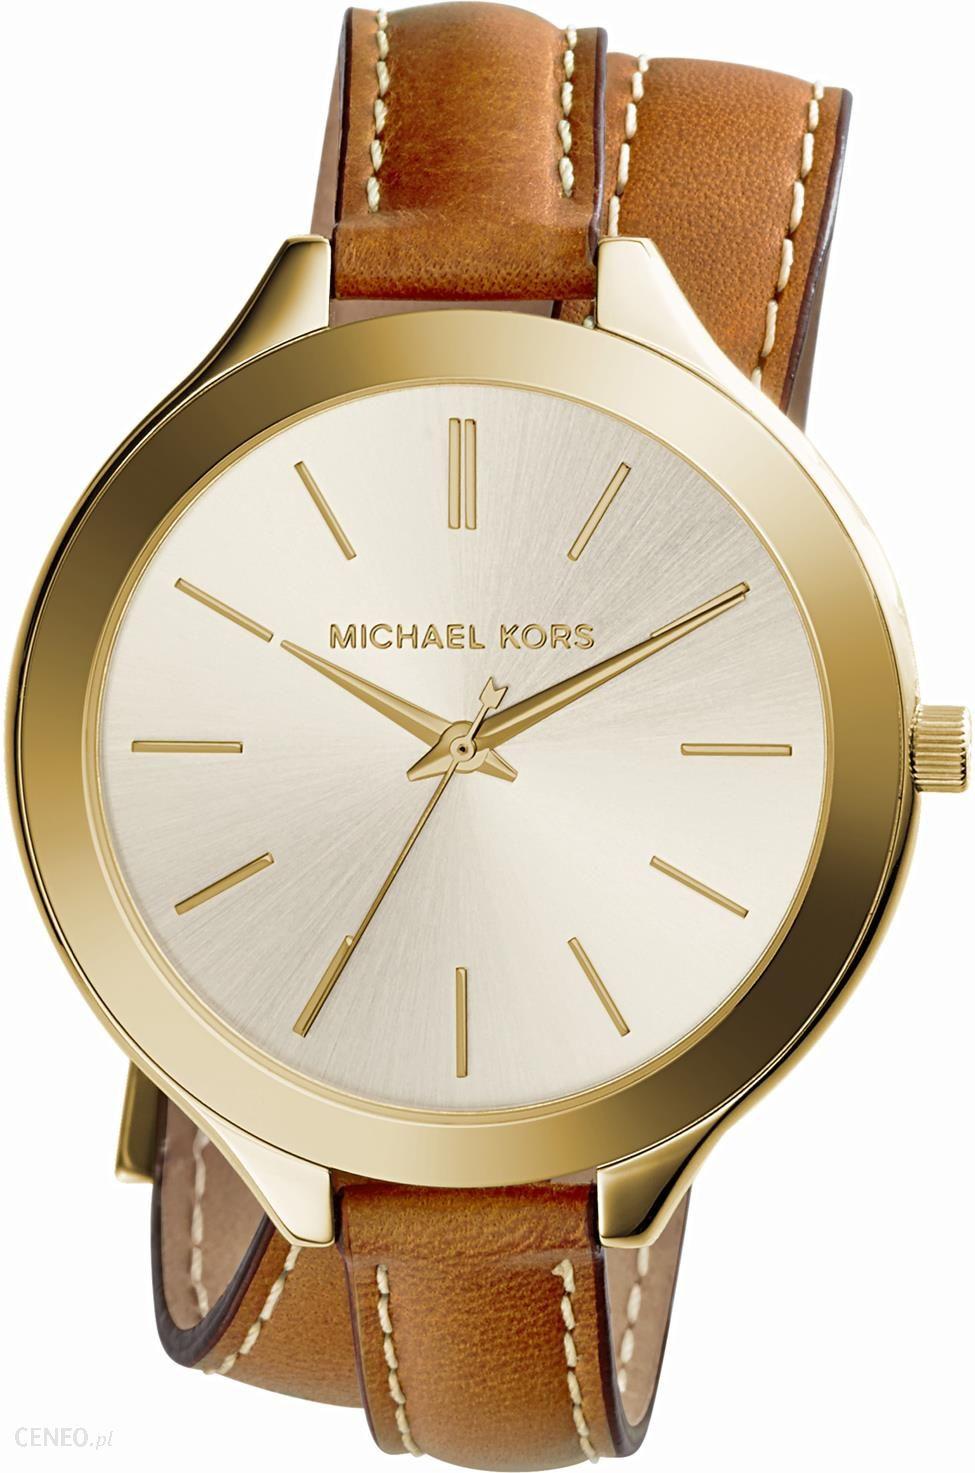 michael kors płynący zegarek